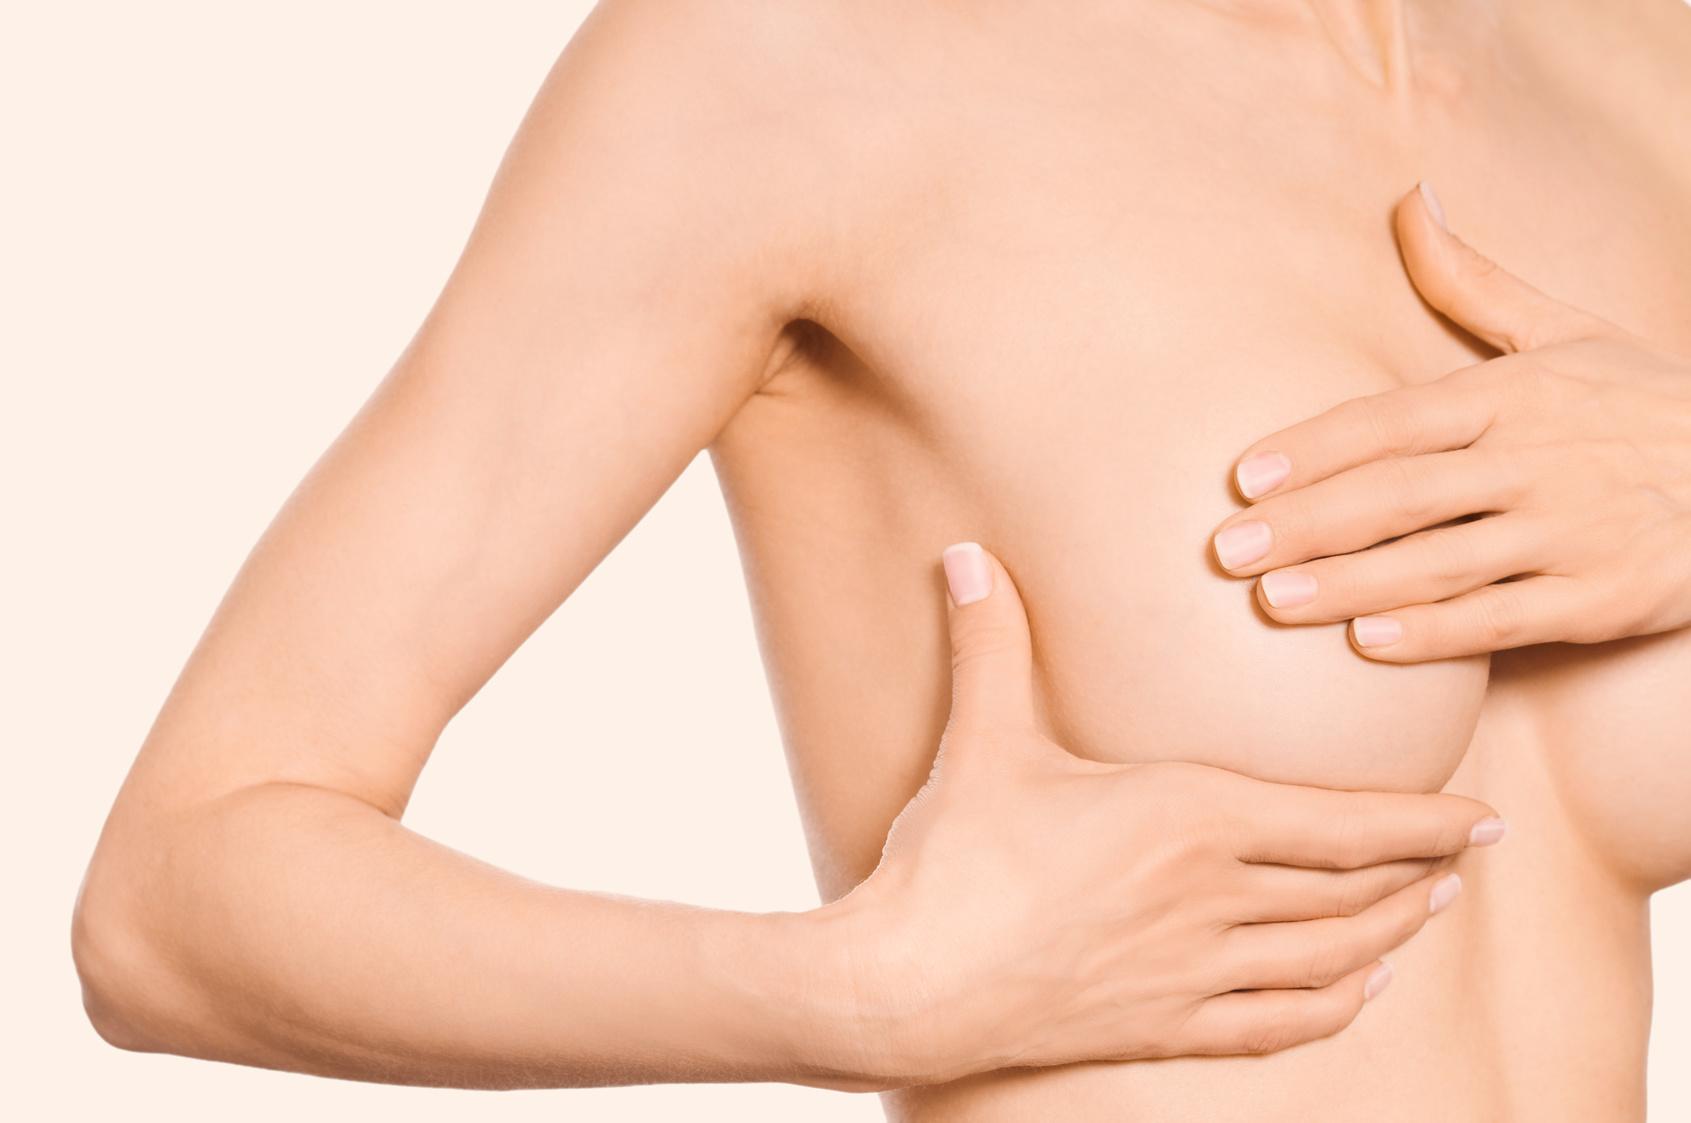 - 4. Ne comparez pas l'affection.Un cancer du sein peut avoir des caractéristiques différentes d'une personne à l'autre, et nécessiter des traitements bien différents. Chaque maladie est différente car chaque personne est différente. Alors ne comparez pas avec d'autres proches, amies..etc